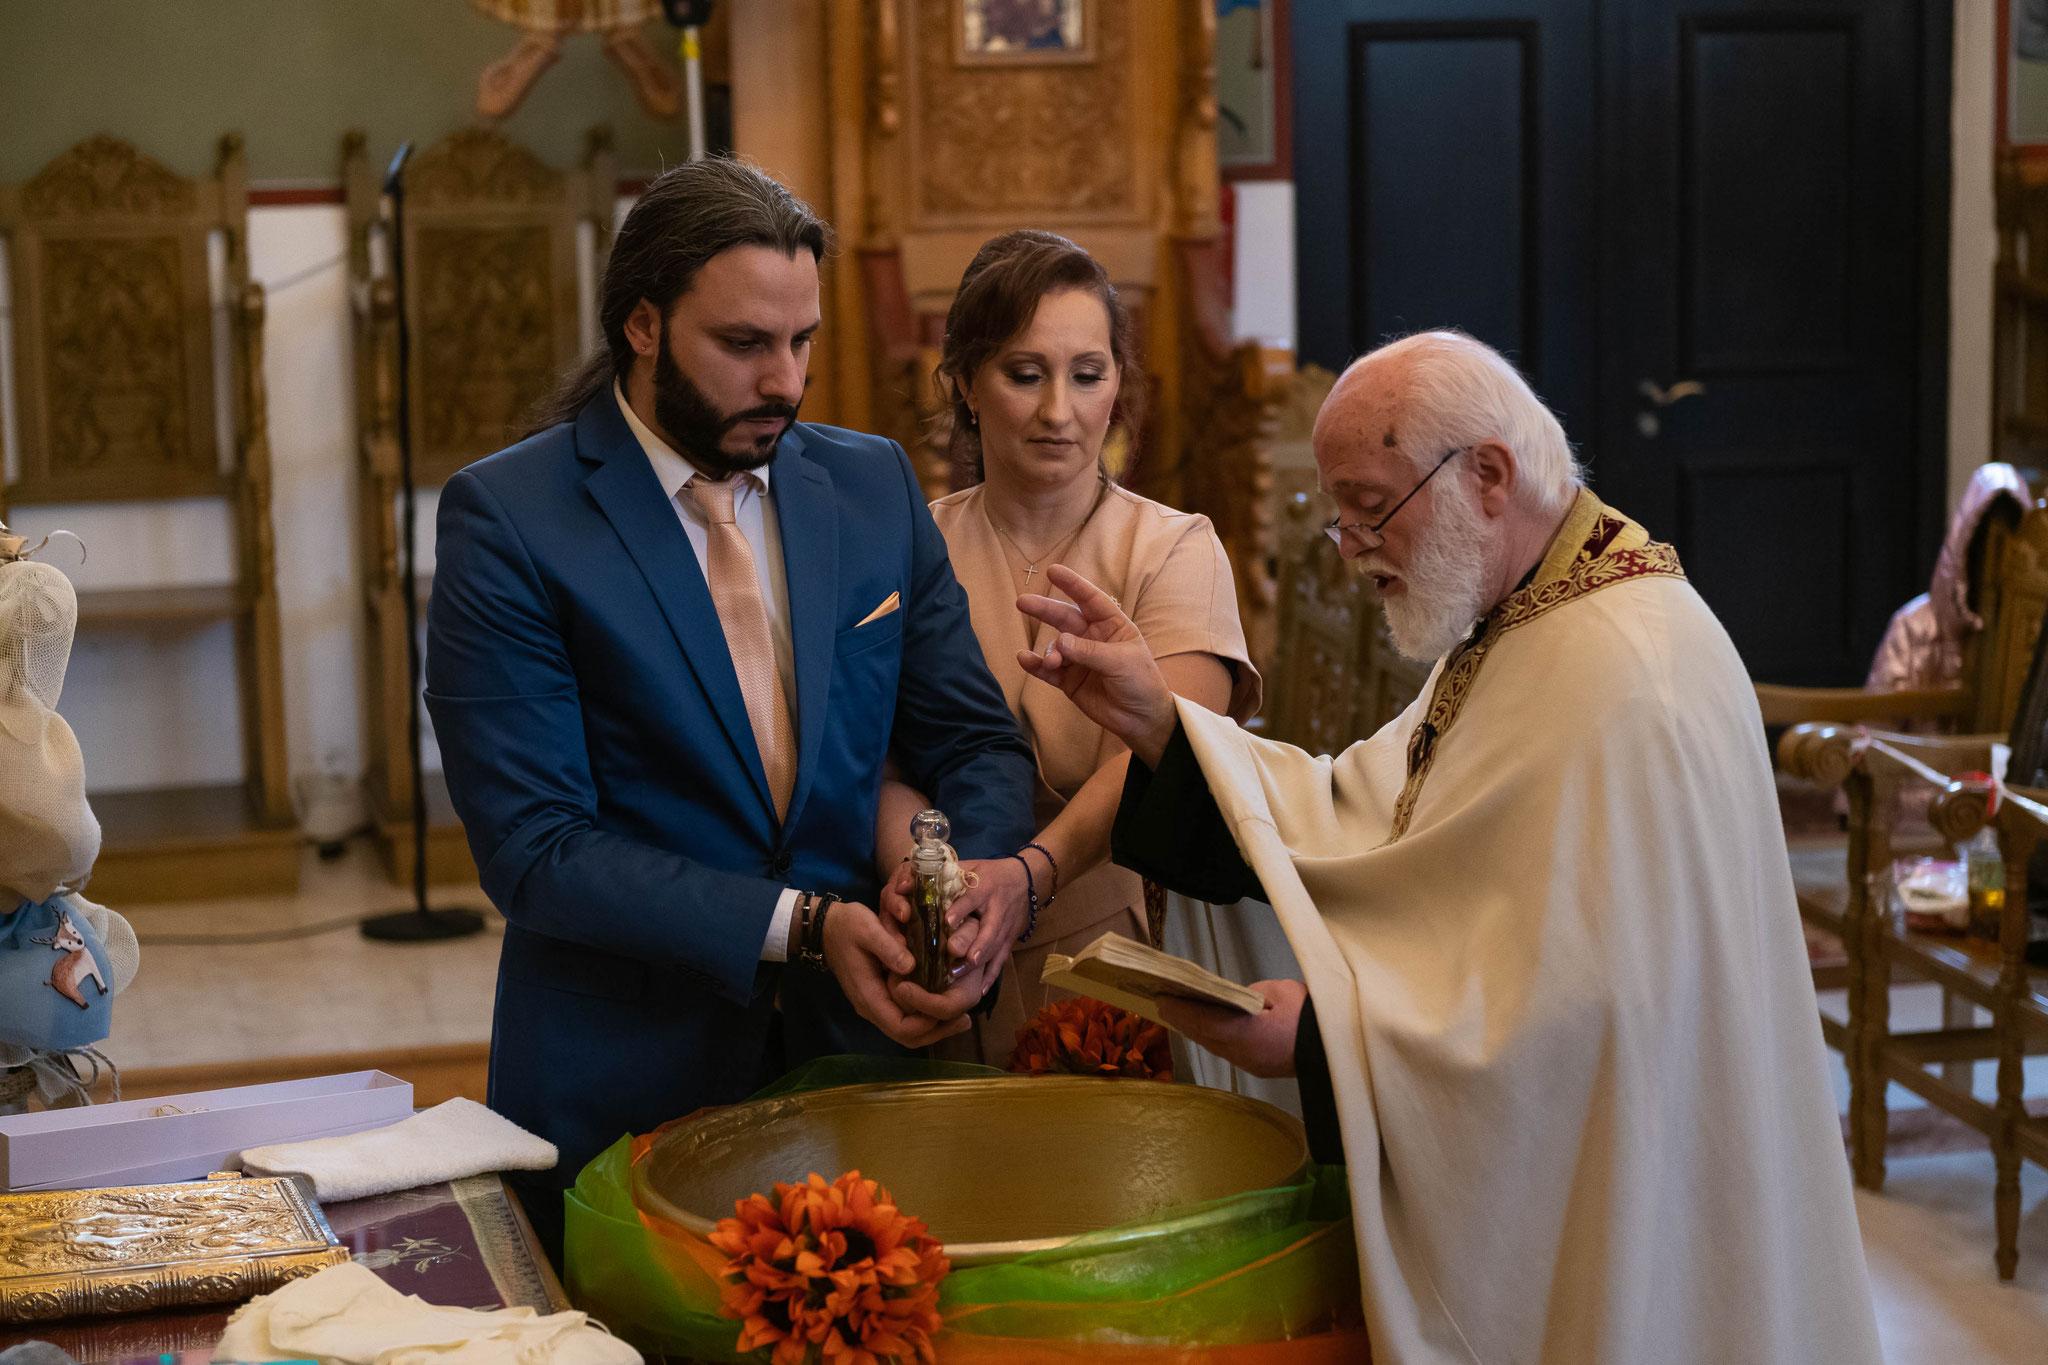 Fotograf und Videograf für griechische orthodoxe Taufe in Wiesbaden